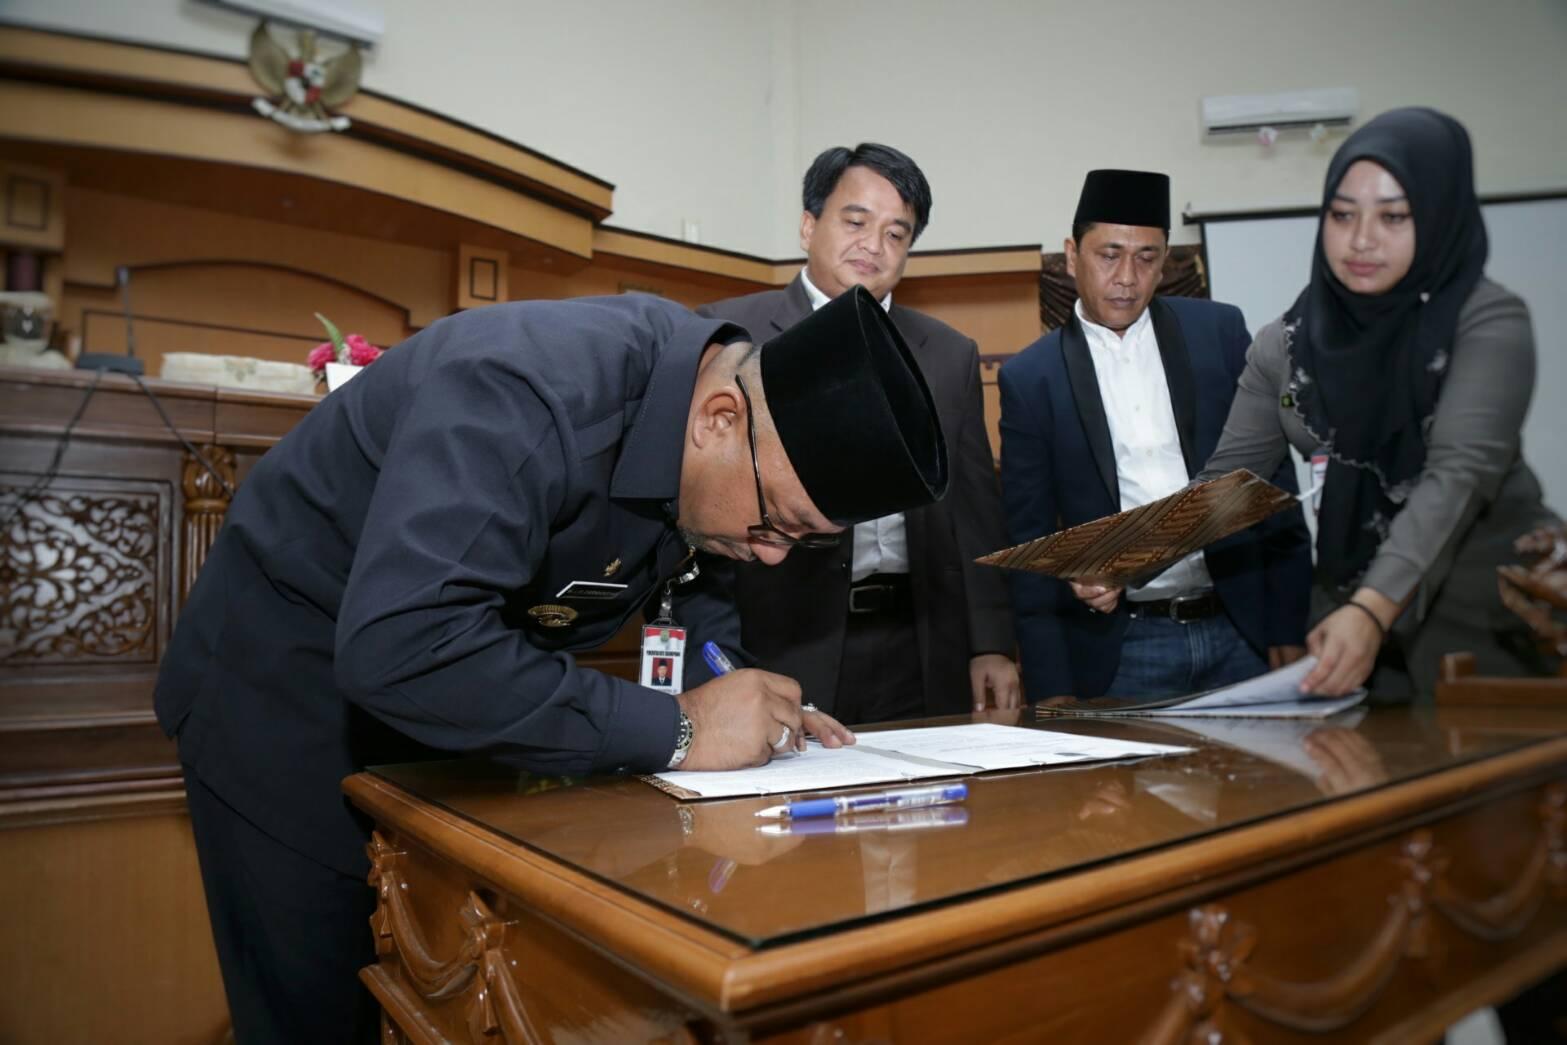 Wali Kota Tanjungpinang Lis Darmansyah menandatangani nota kesepahaman pengesahan Ranperda Retribusi Umum, Retribusi Perizinan Tertentu dan Perda Pemenuhan Hak Penyandang Disabilitas menjadi Perda.